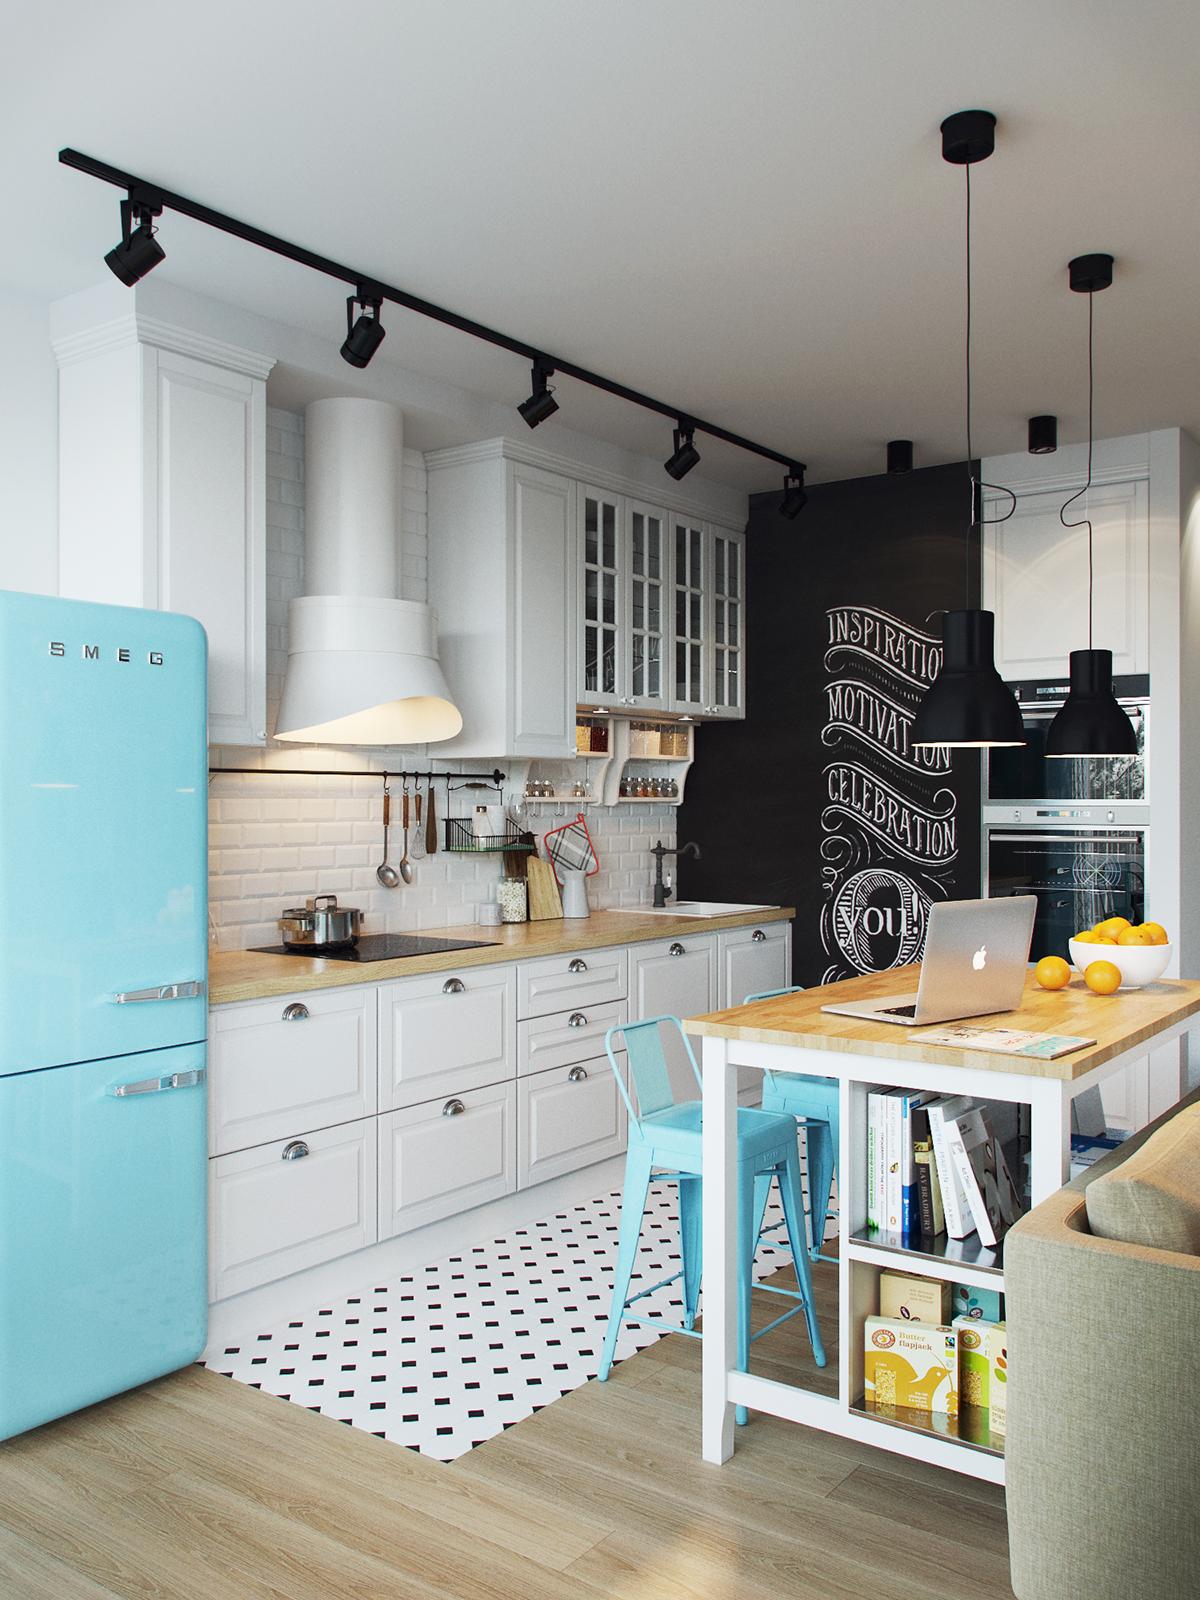 Pin von macu auf Decoración | Pinterest | Küche, Erste eigene ...